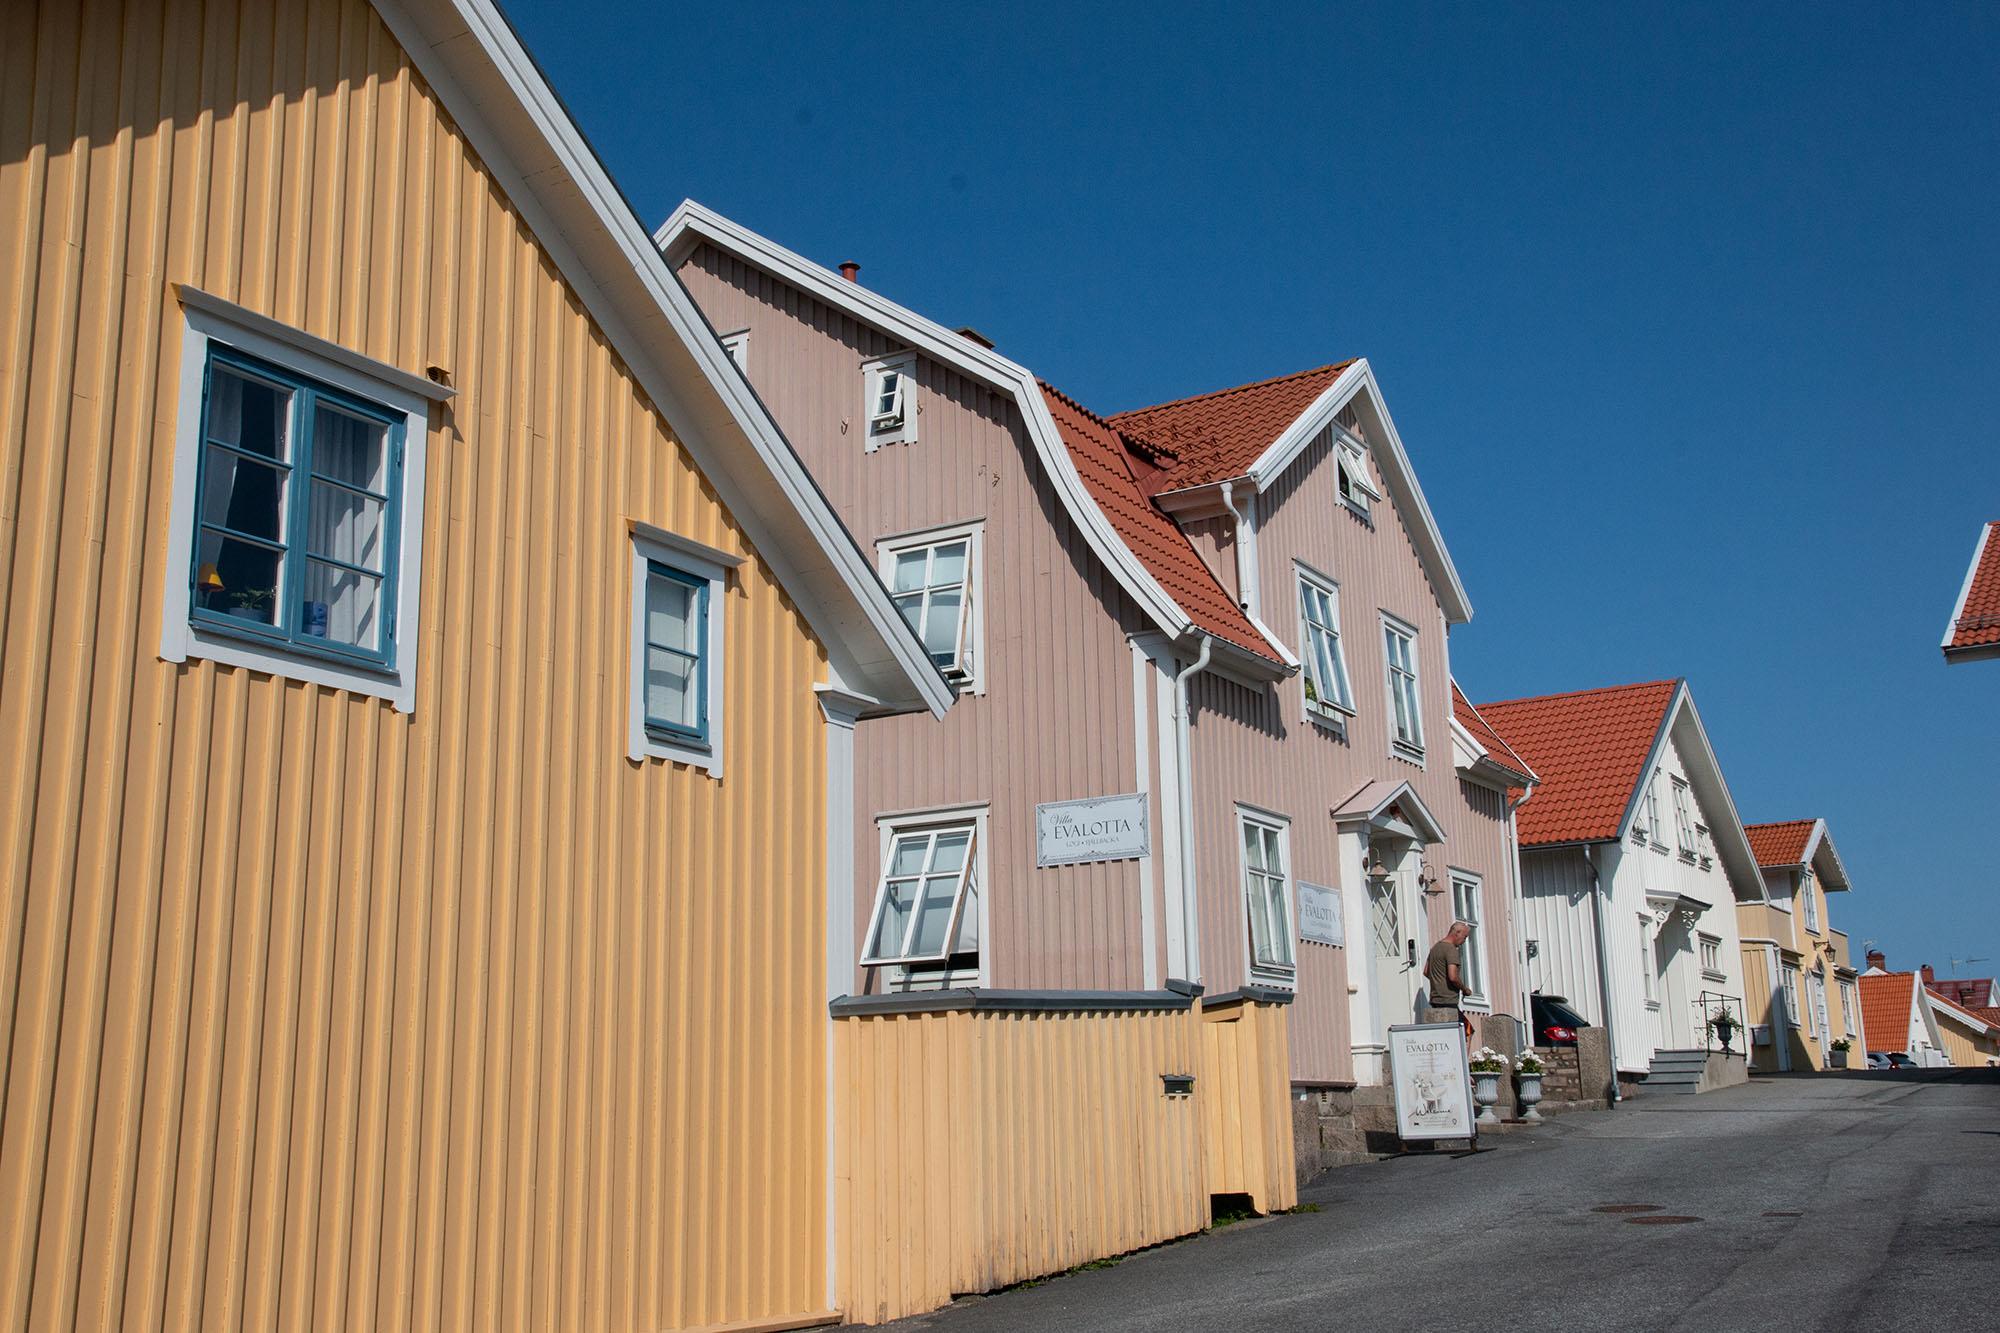 Radtour Schweden Flällbacka